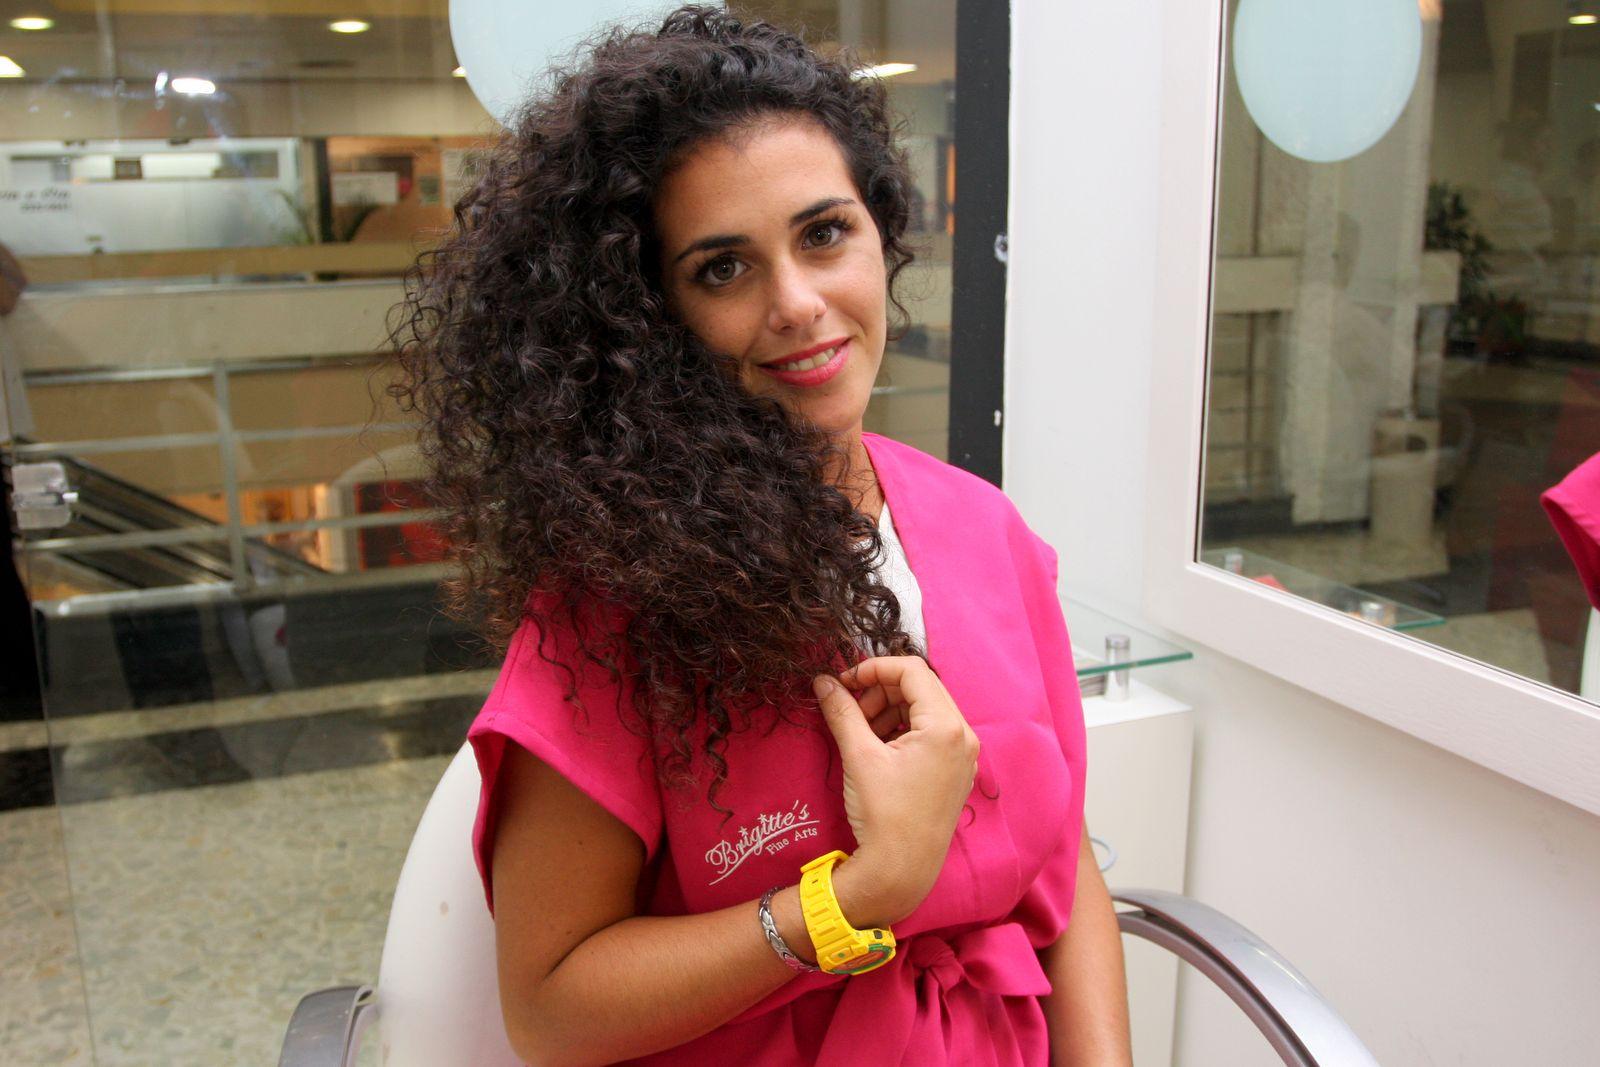 A espanhola Noemí assume com muito orgulho os cachos de seus cabelos, cheios e volumosos